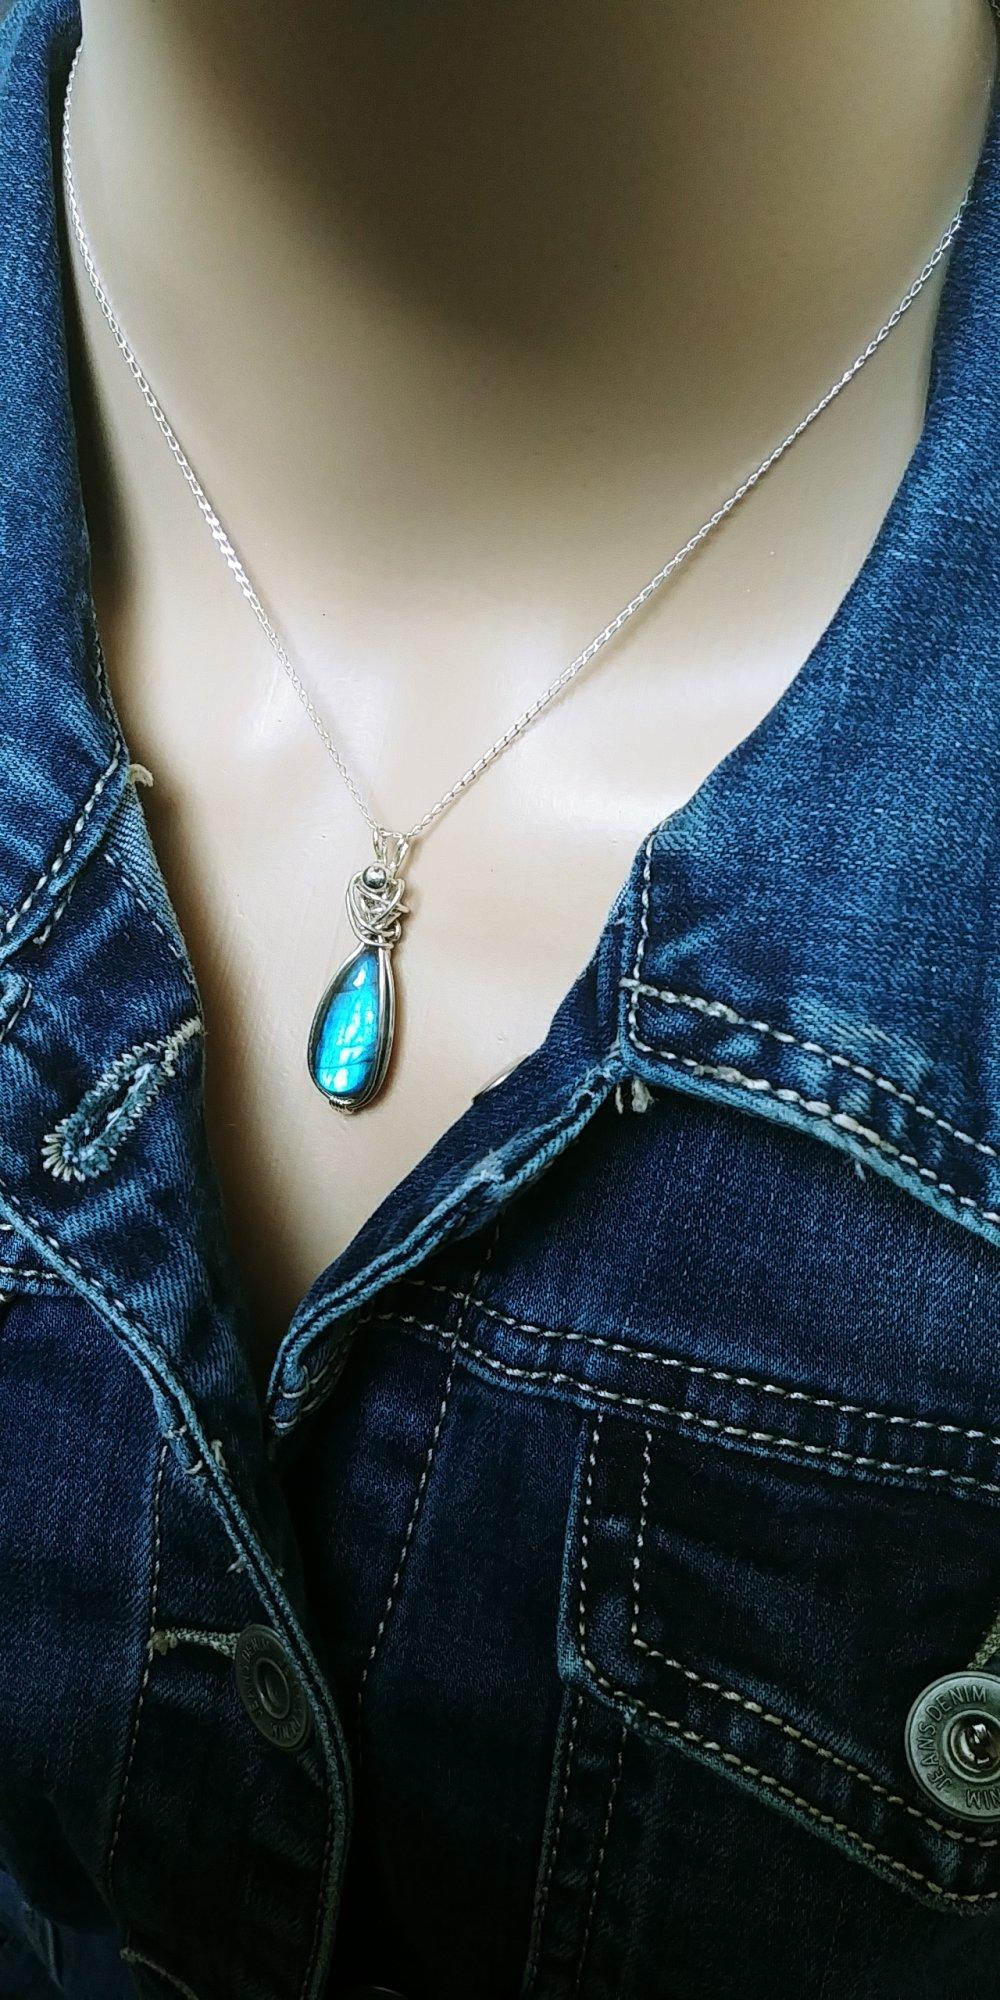 Pendentif labradorite, pendentif labradorite bleue, Argent 925, collier femme, collier pierre, idée cadeau femme